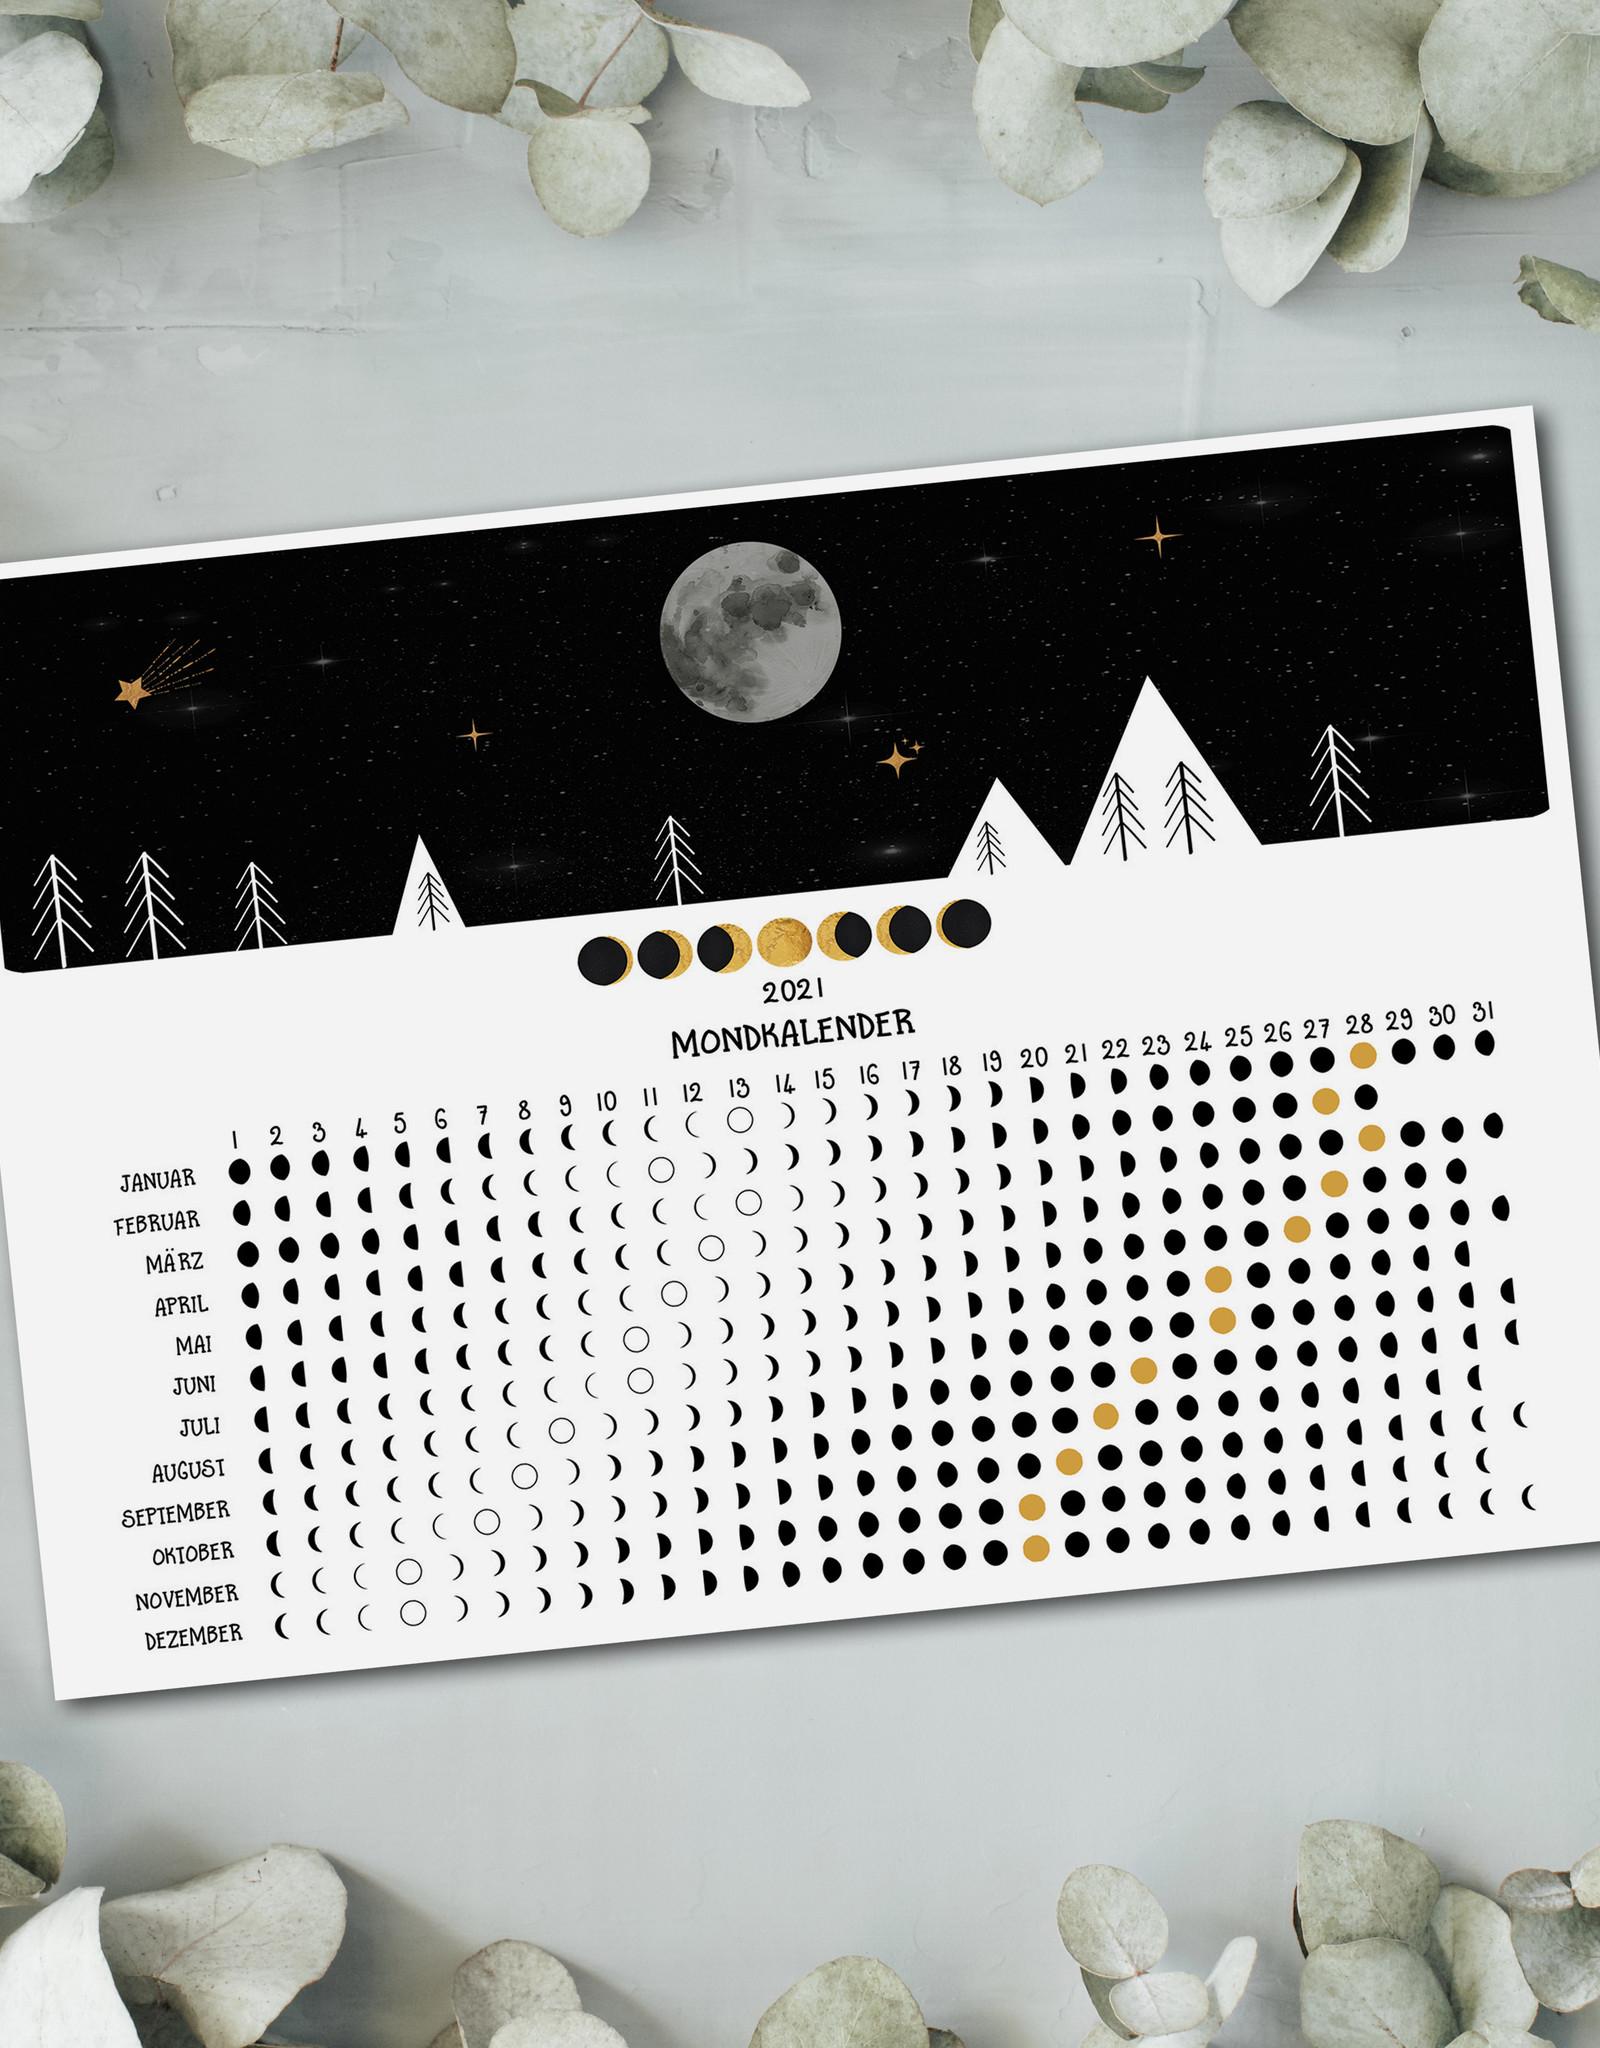 Mondkalender 2021 Poster Mondkalender DIN A4 Kalender 2021